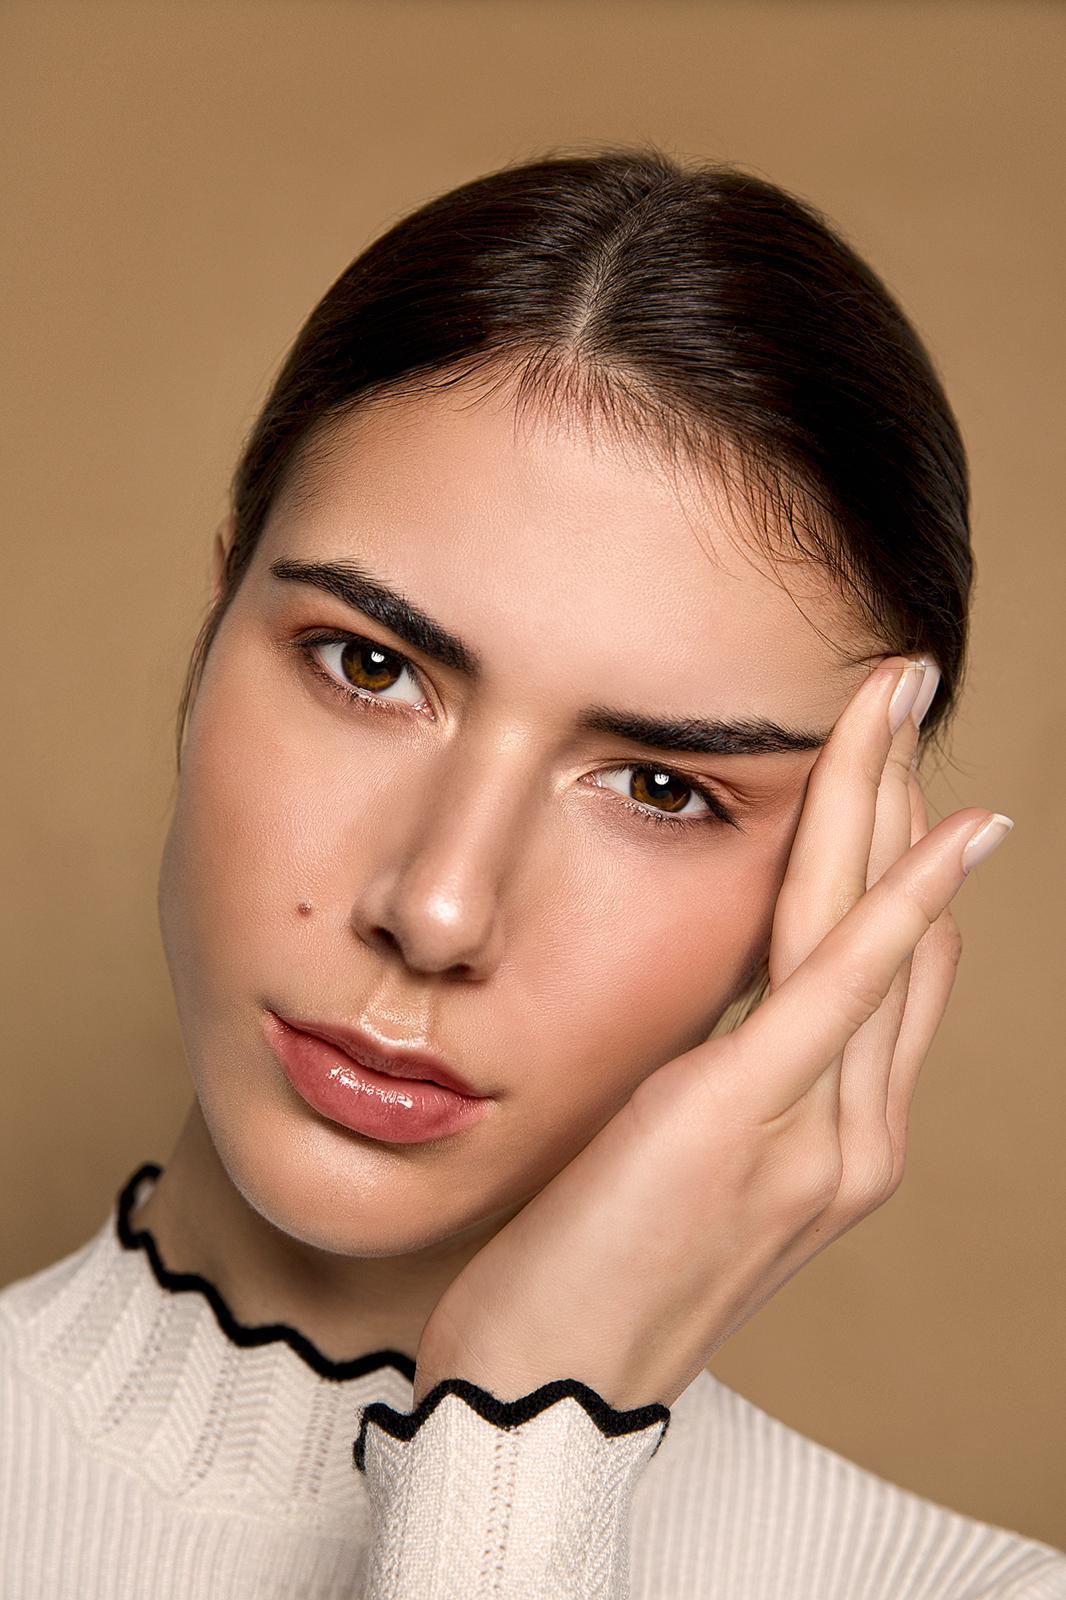 liesa-giesuebel-professionelles-makeup-10